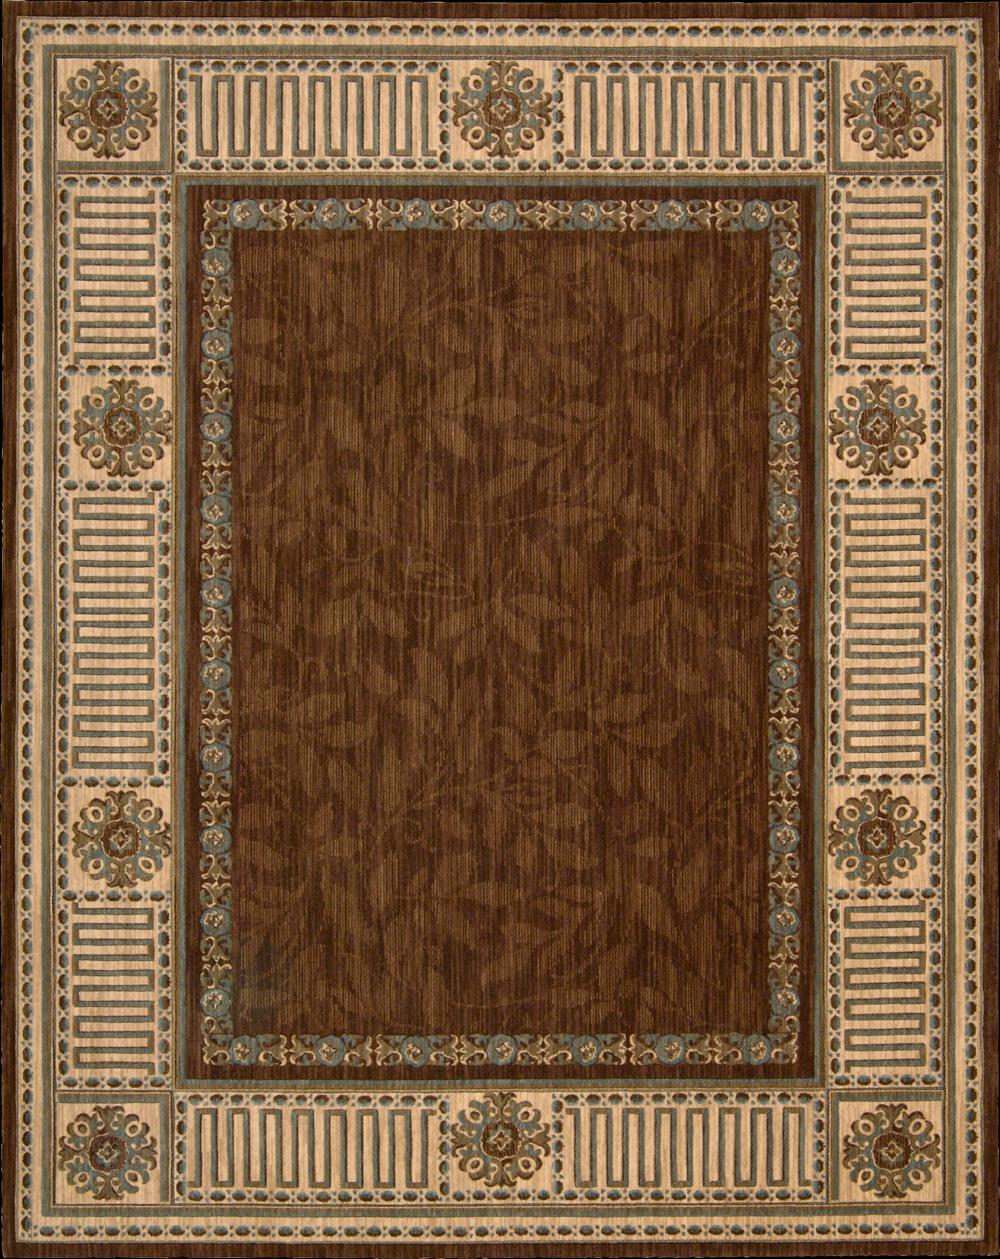 Nourison Vallencierre Area Rug 2' x 3' - Item Number: 61817